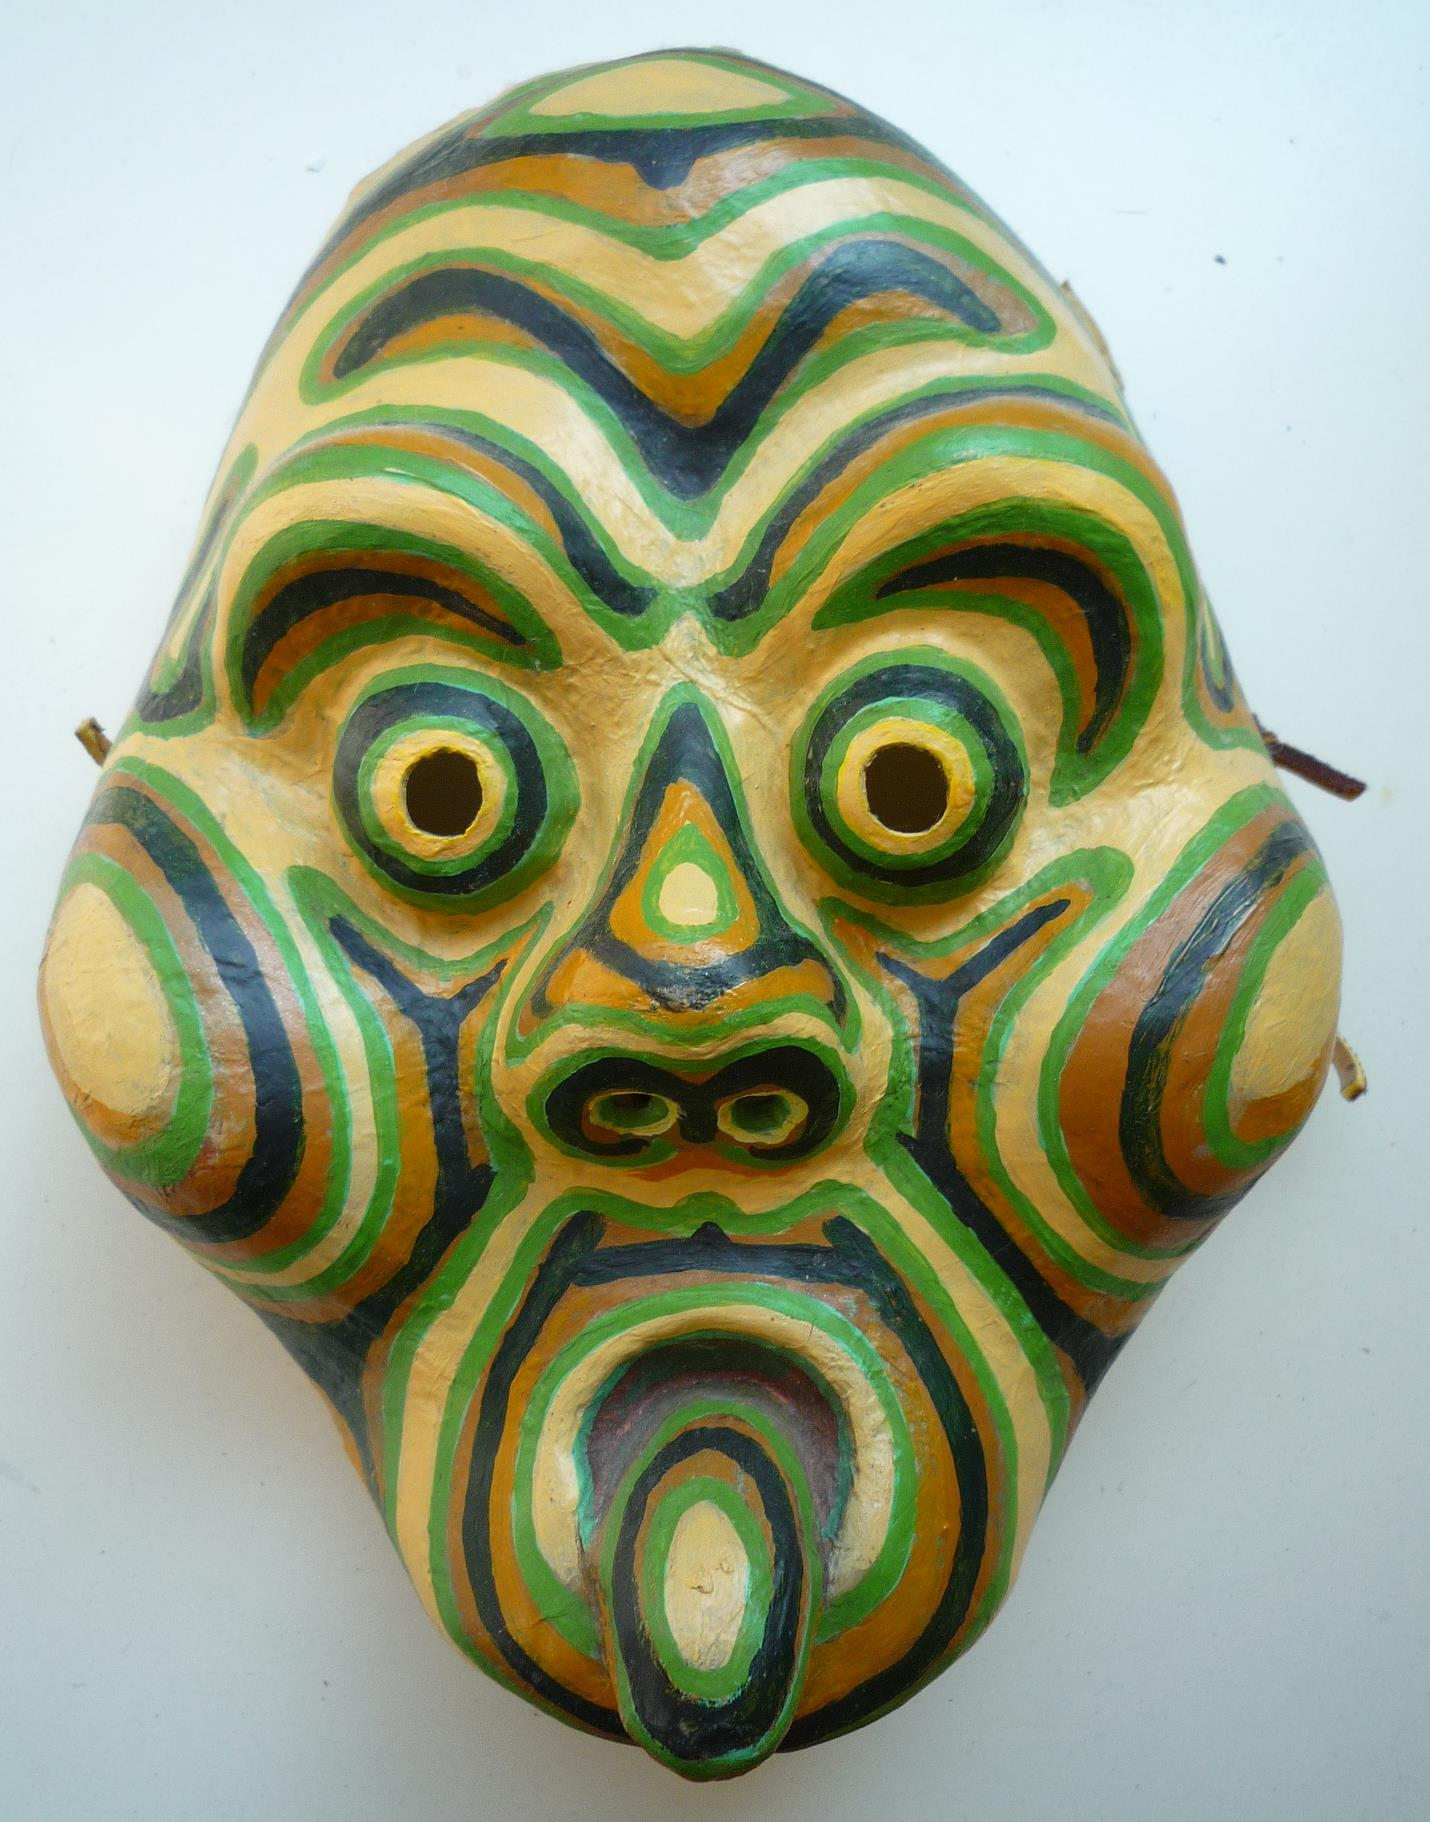 Radionic Shaman's mask